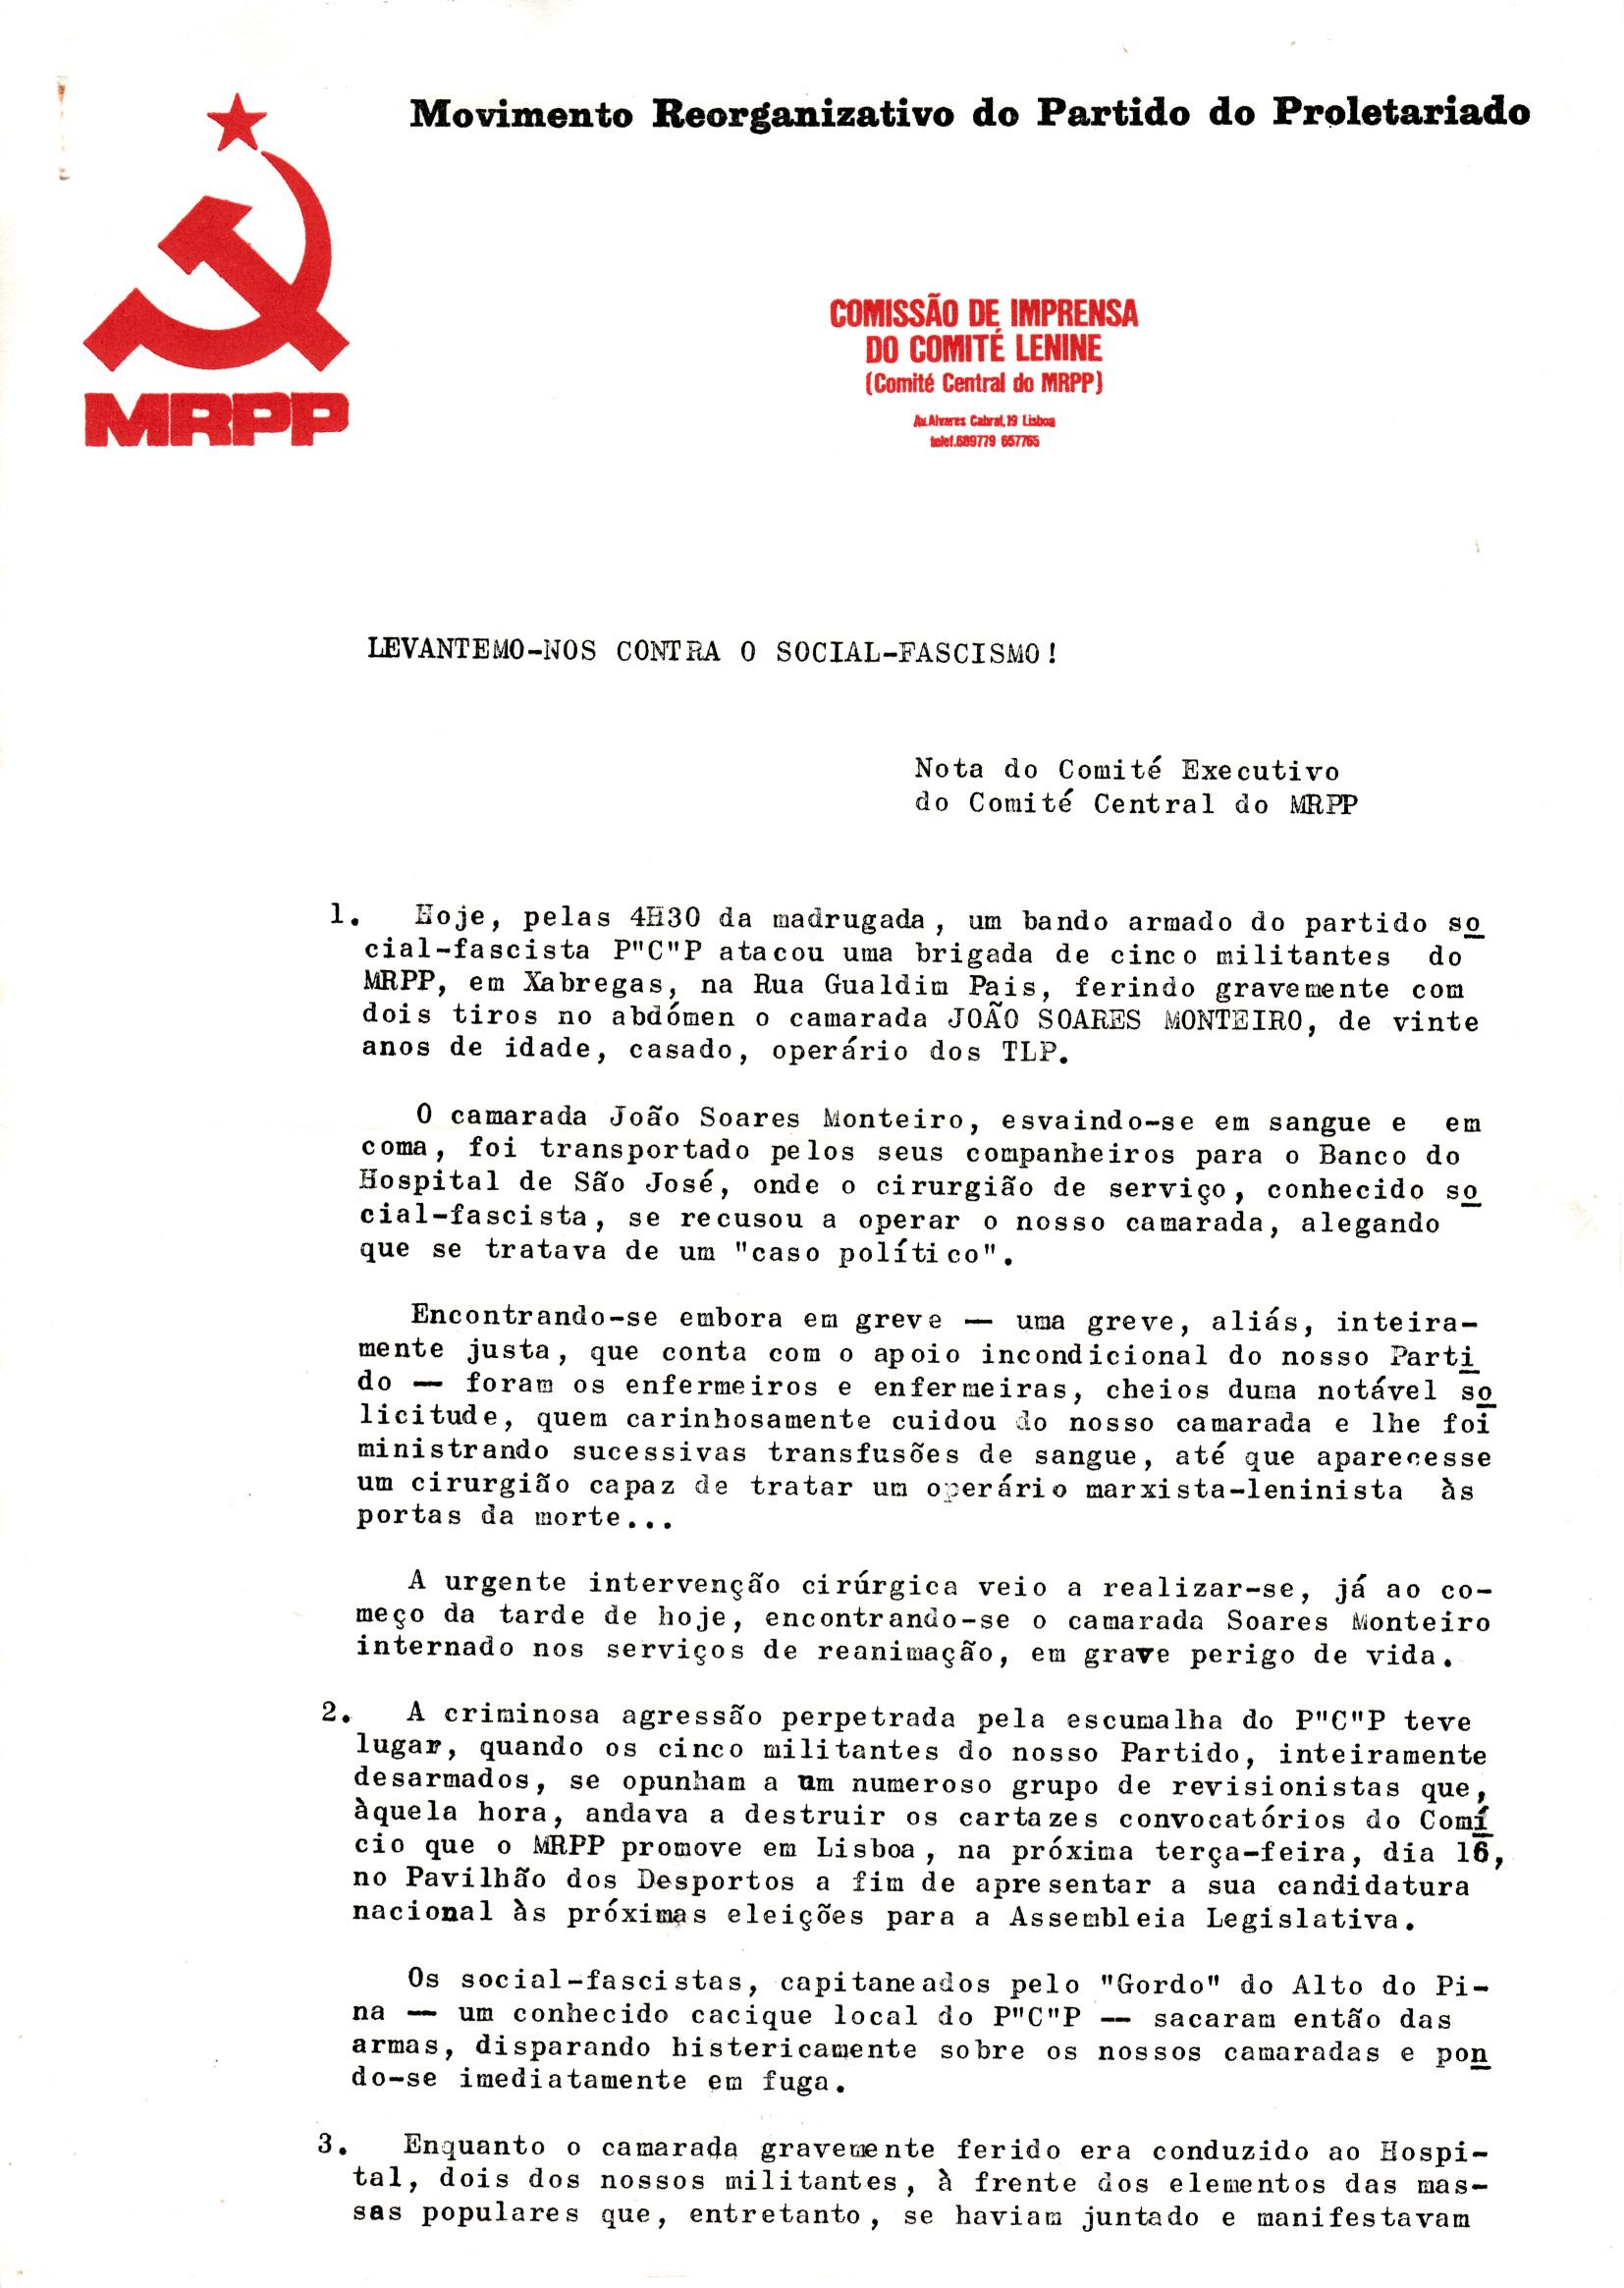 MRPP_1976_03_13